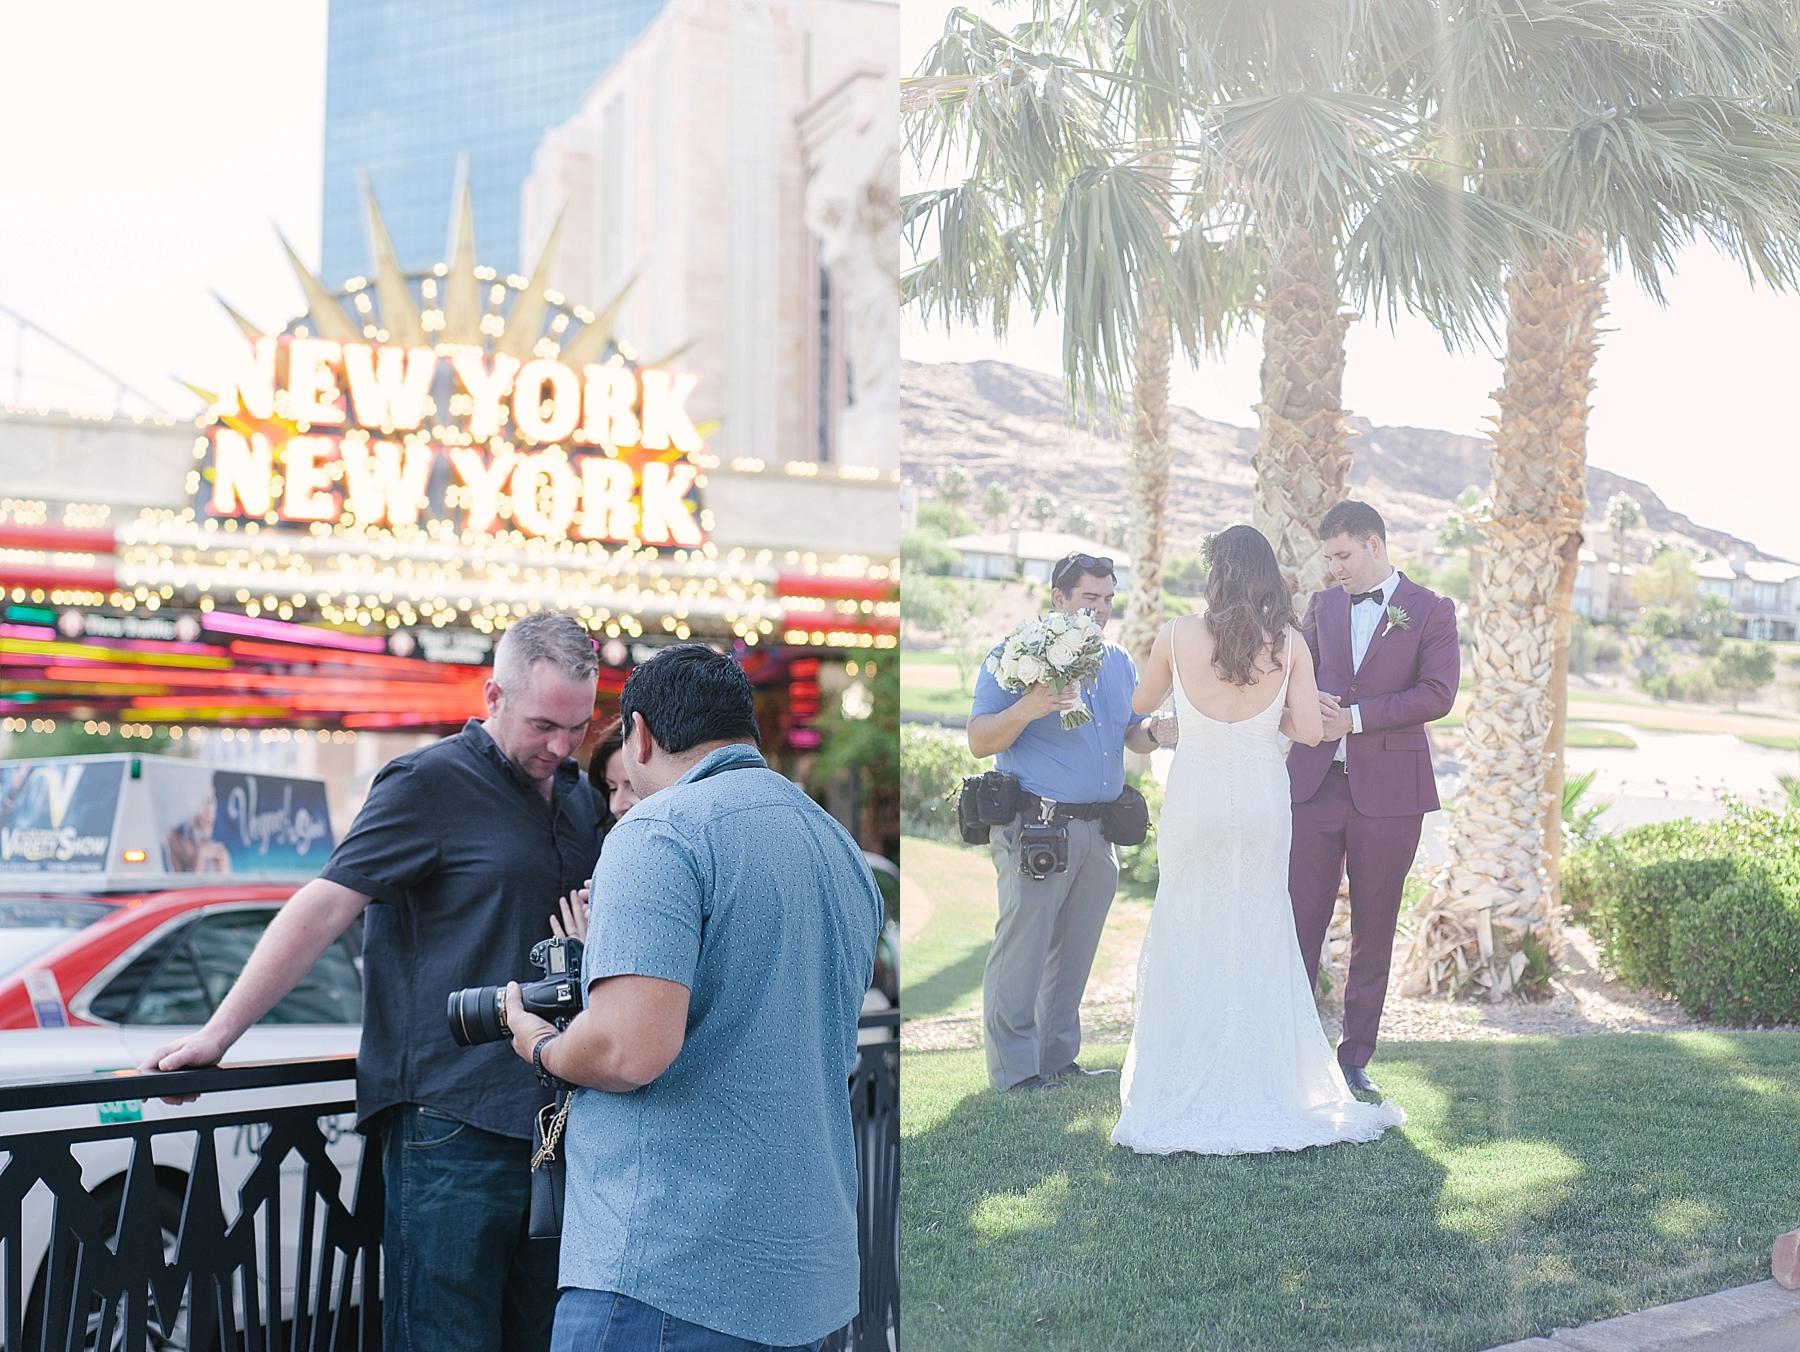 las_vegas_wedding_photographers_behind_the_scenes-02-13.jpg